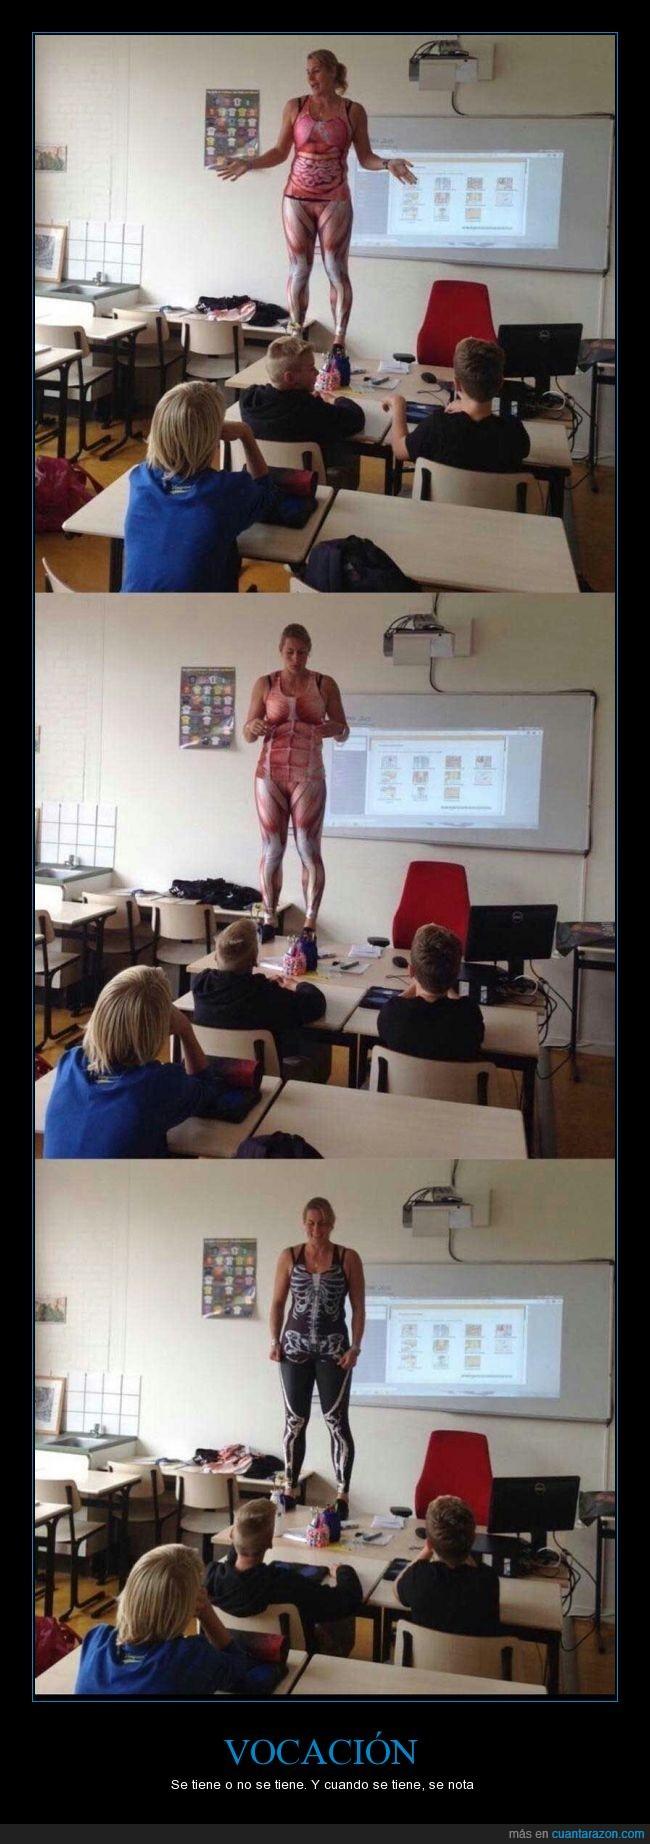 alumnos,Anatomía,aula,blackmilk,clase,cuerpo,enseñar,huesos,leotardos,maestra,pupitres